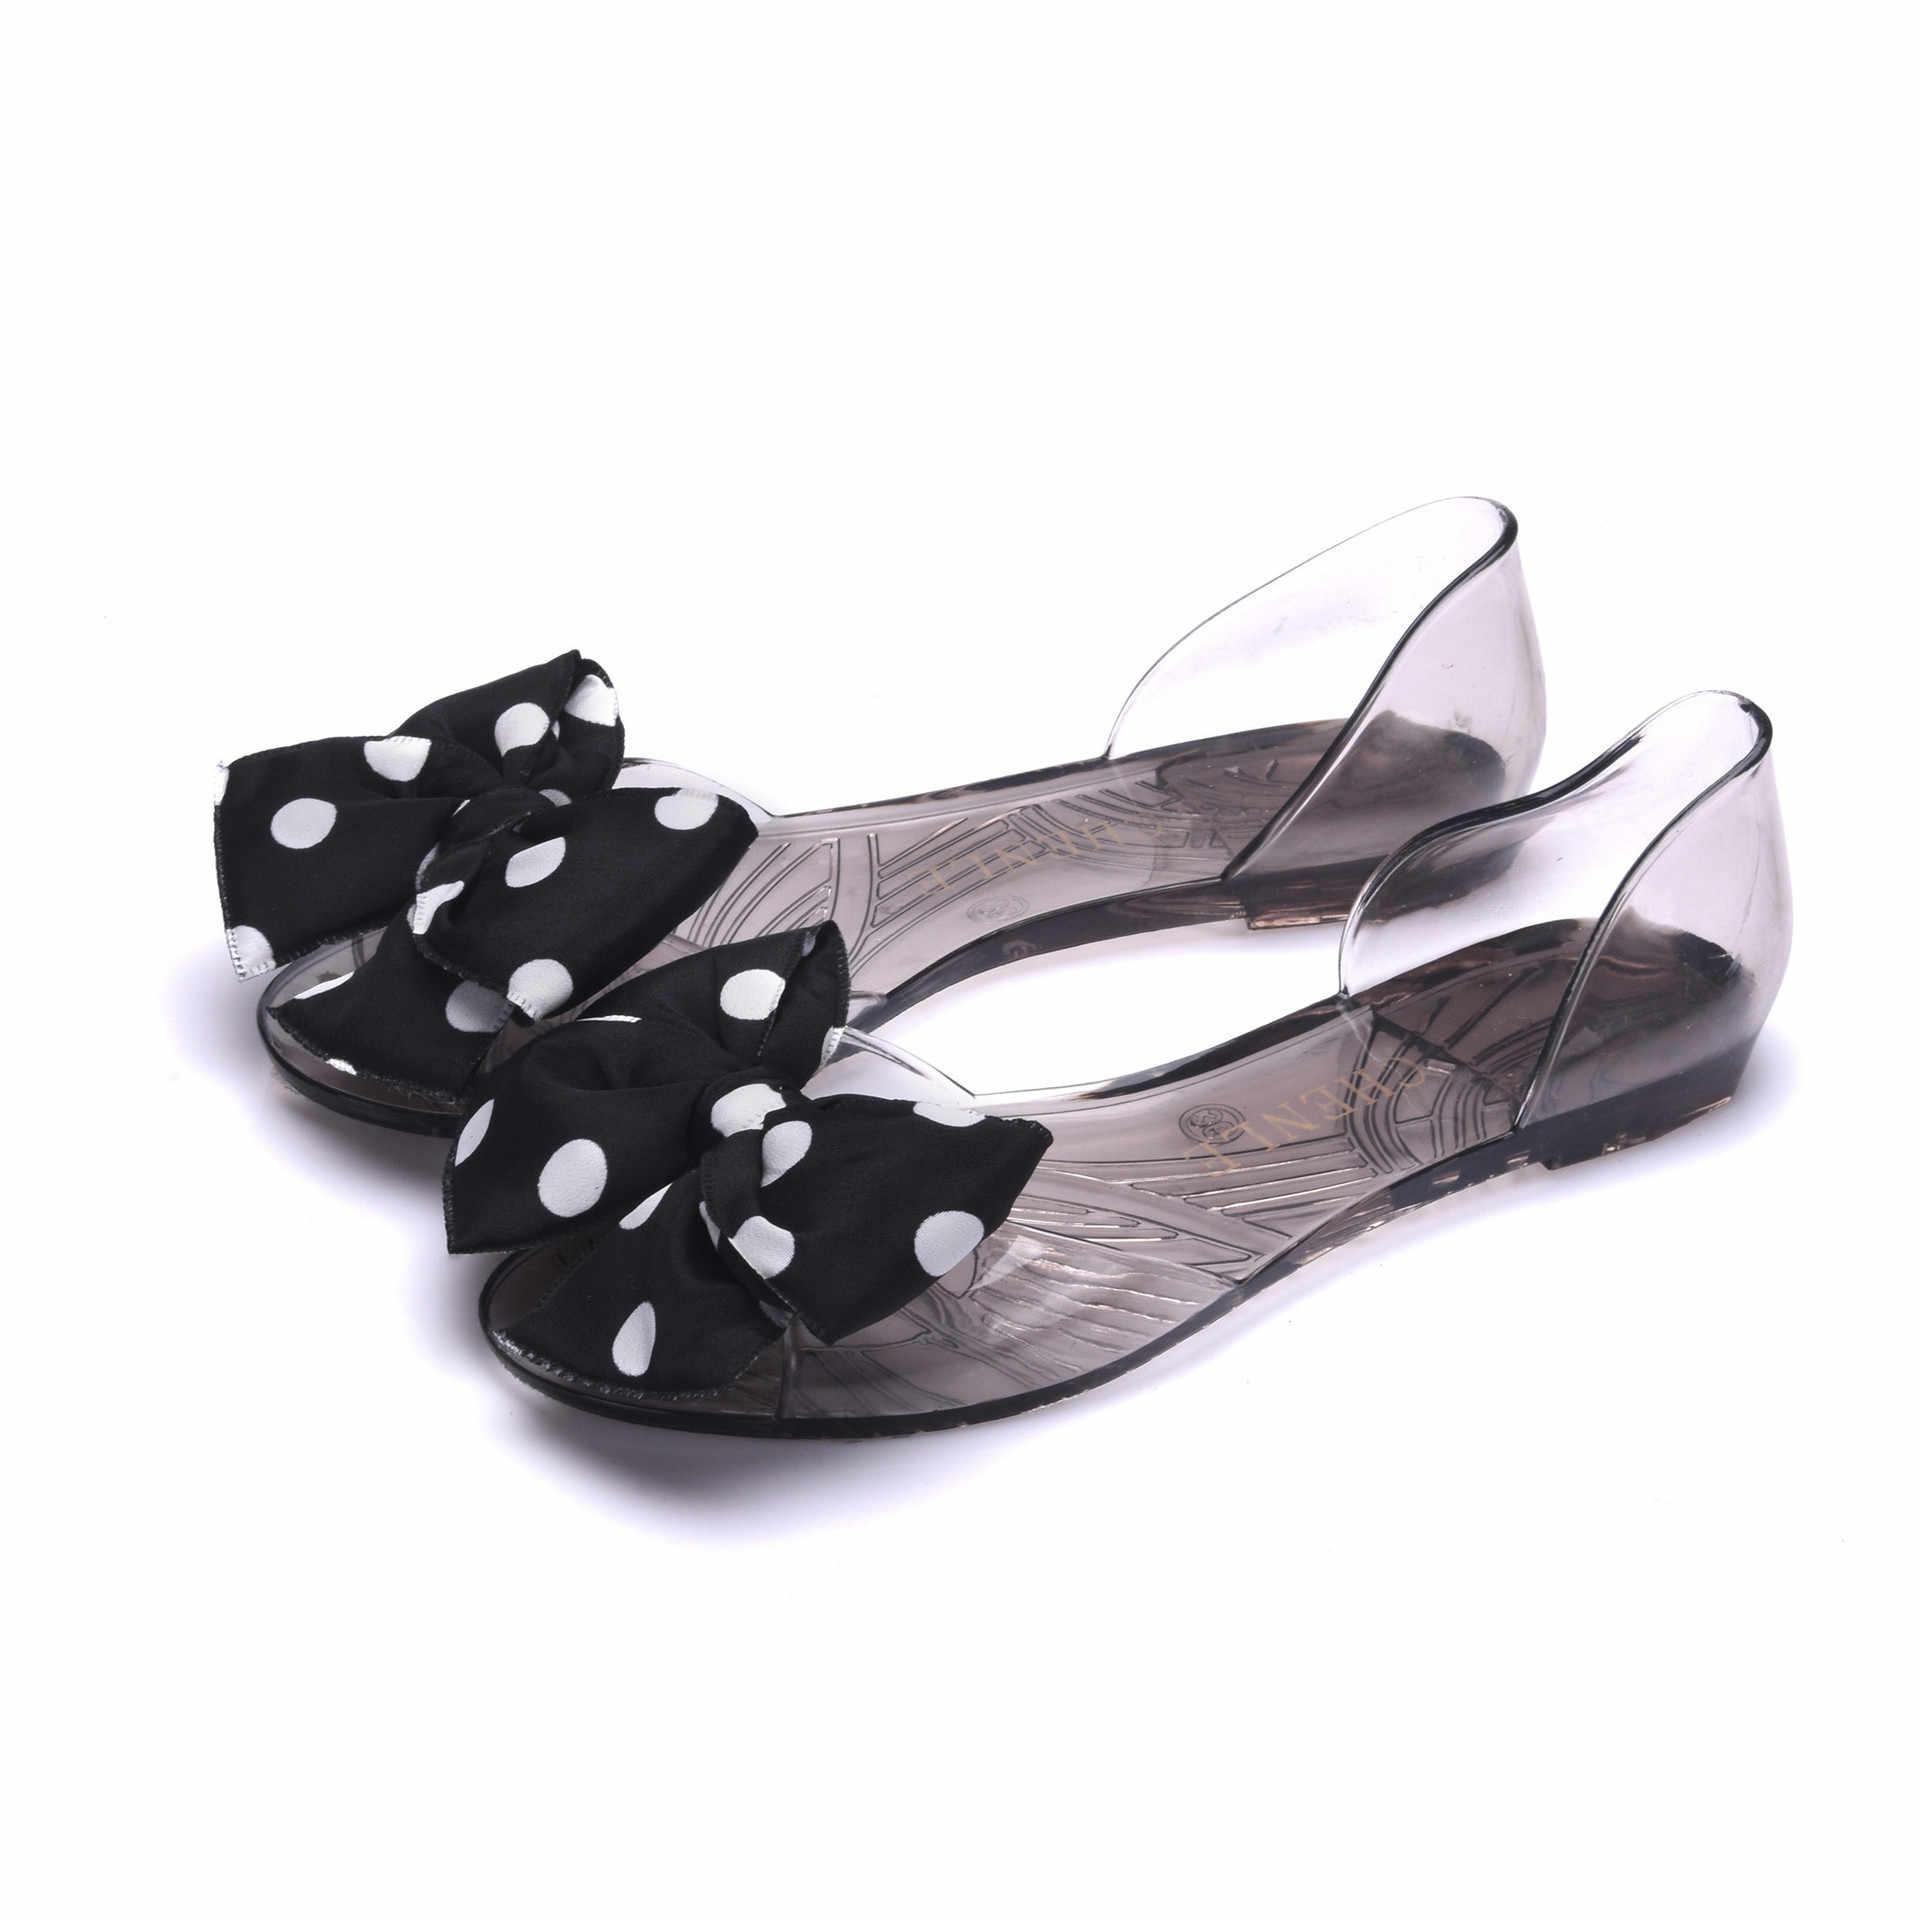 Đế bằng Mùa Hè Nữ Giày Nữ Ngọt Ngào Căn Hộ Trong Suốt Sandalias Đôi Giày Xinh Xắn Người Phụ Nữ Làn Sóng Điểm Scarpe Donna Nơ Giày Nữ